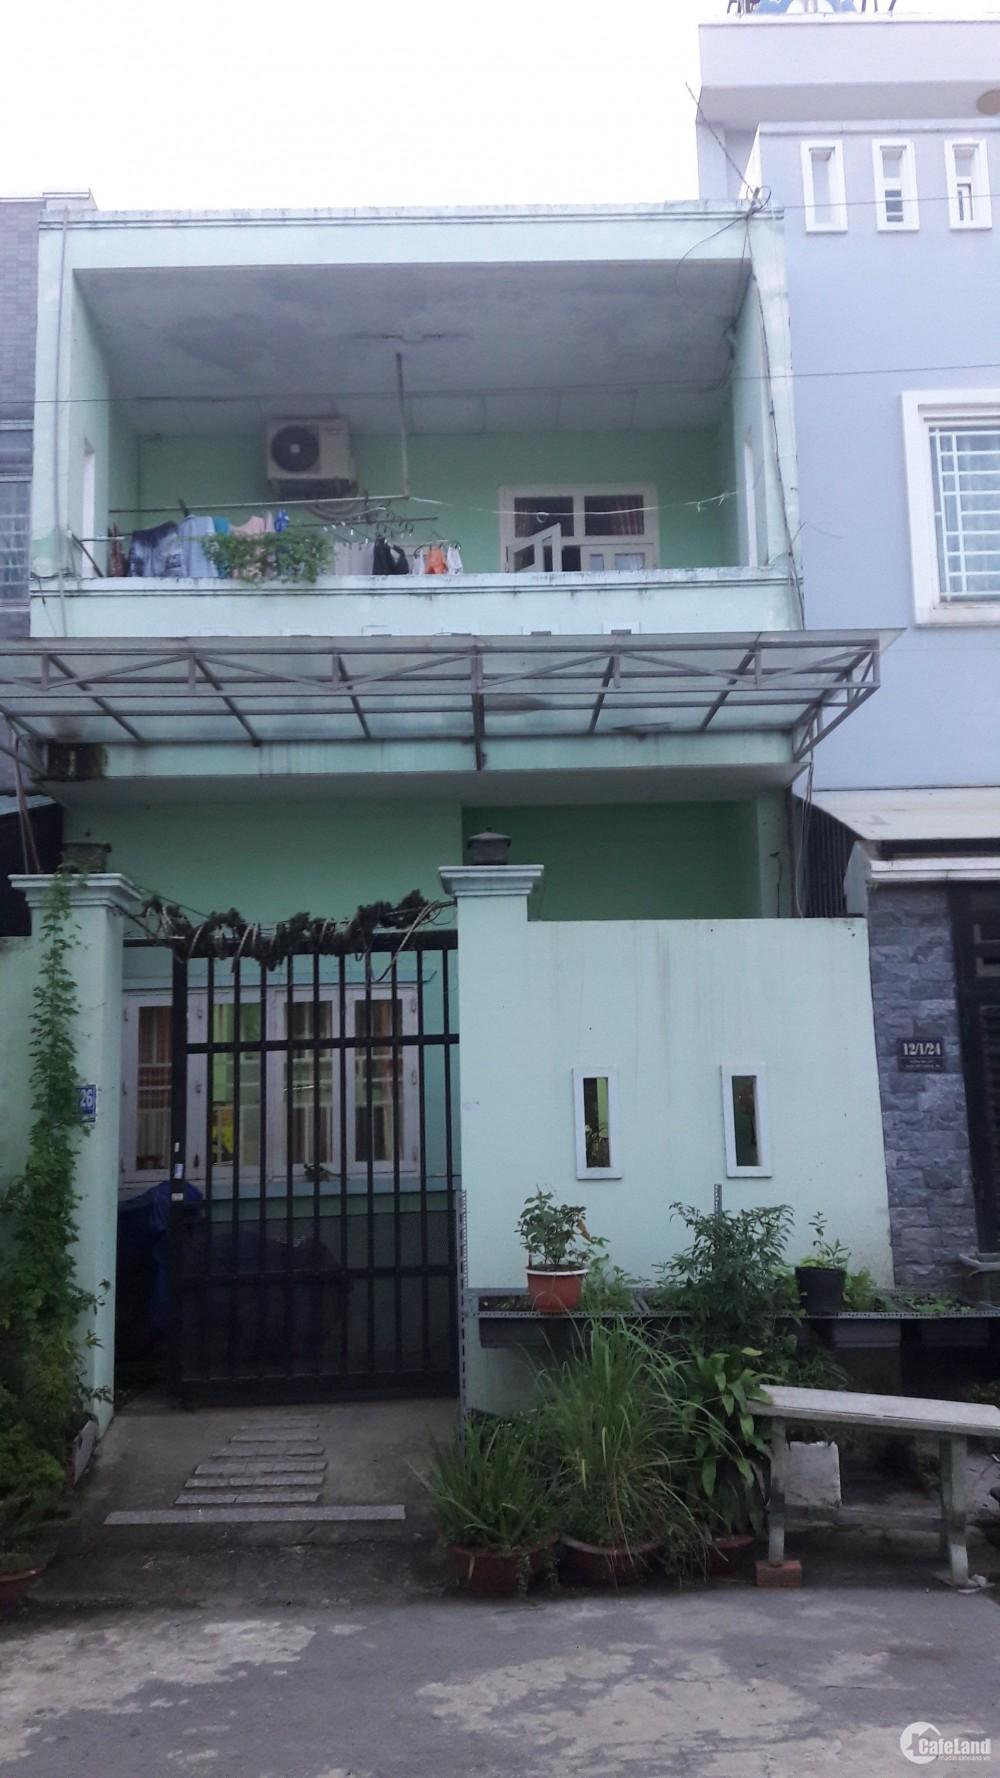 Cần bán nhà đường Phan Văn Hớn, xã Xuân Thới Thượng, Hóc Môn, HCM